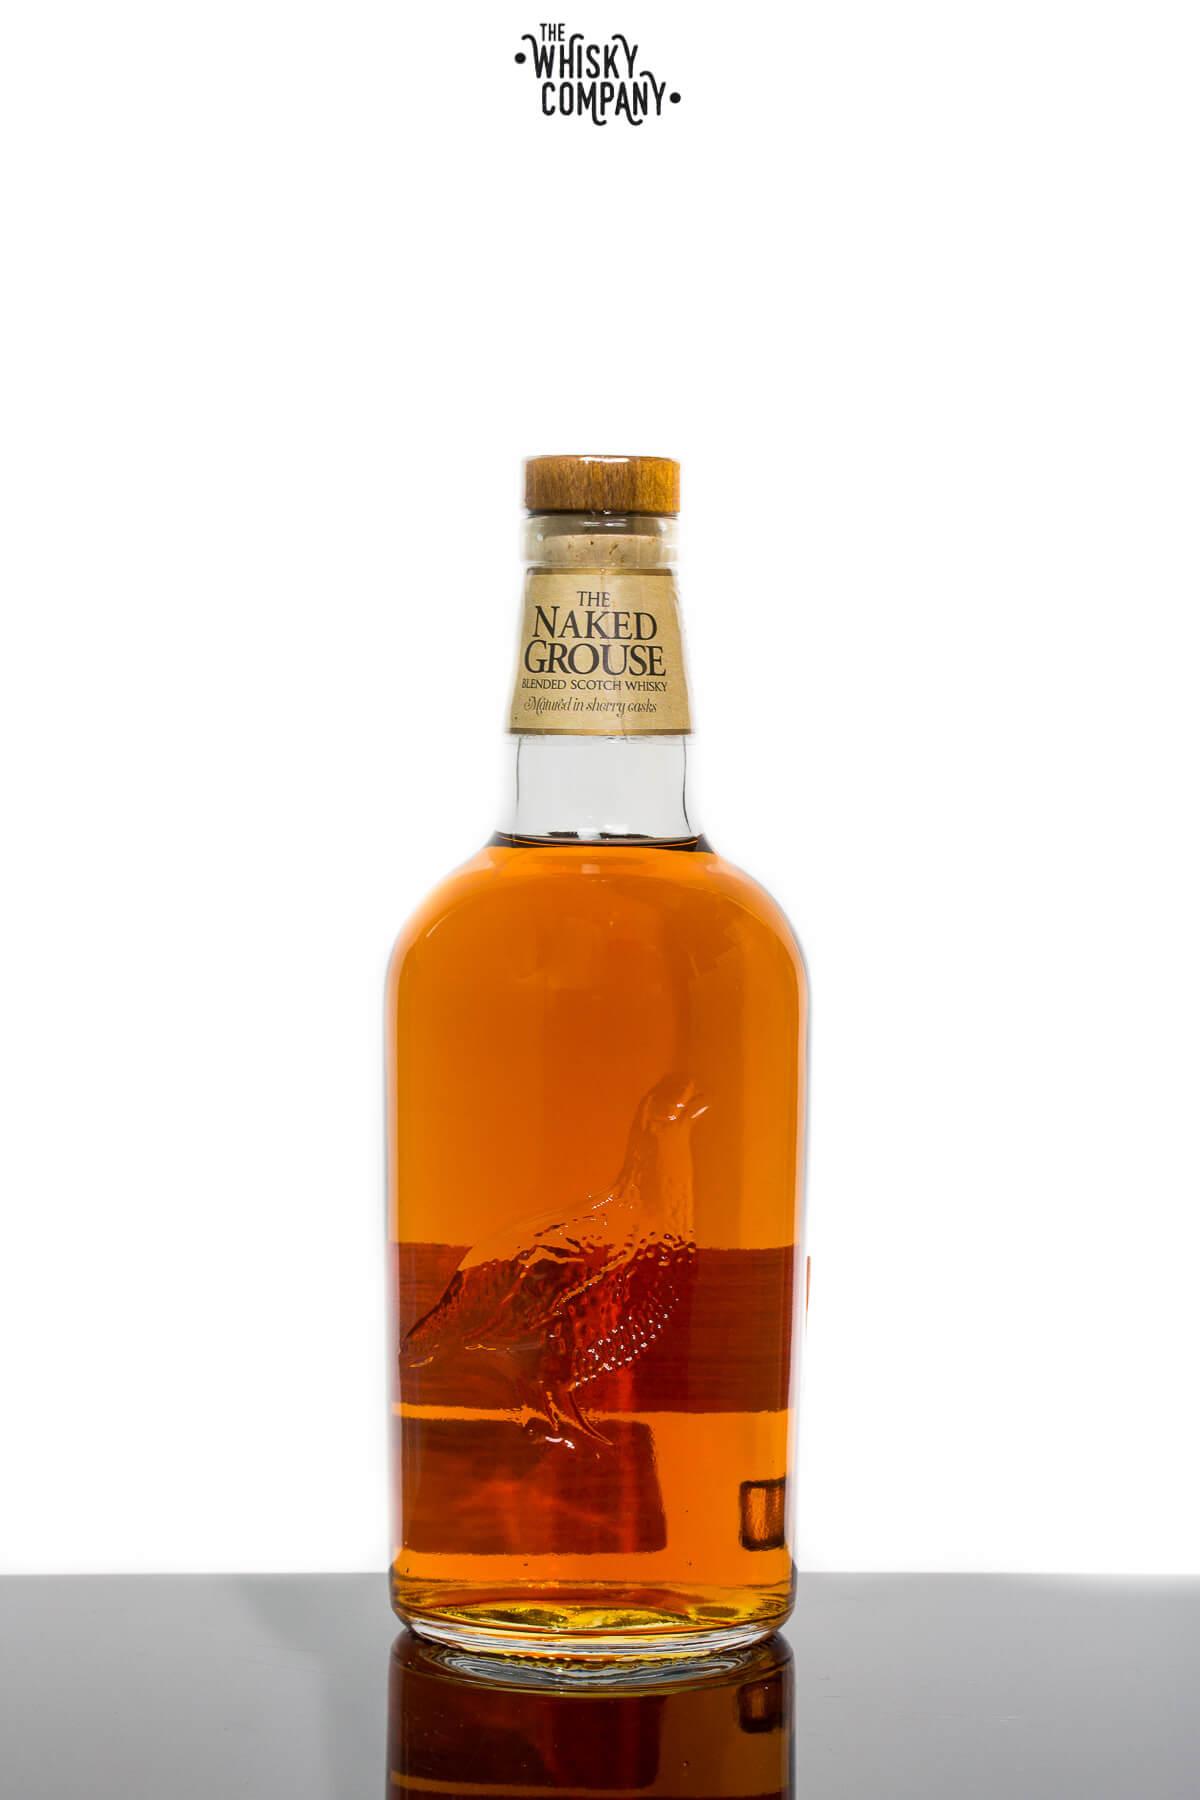 The Naked Grouse Blended Scotch Malt Whisky